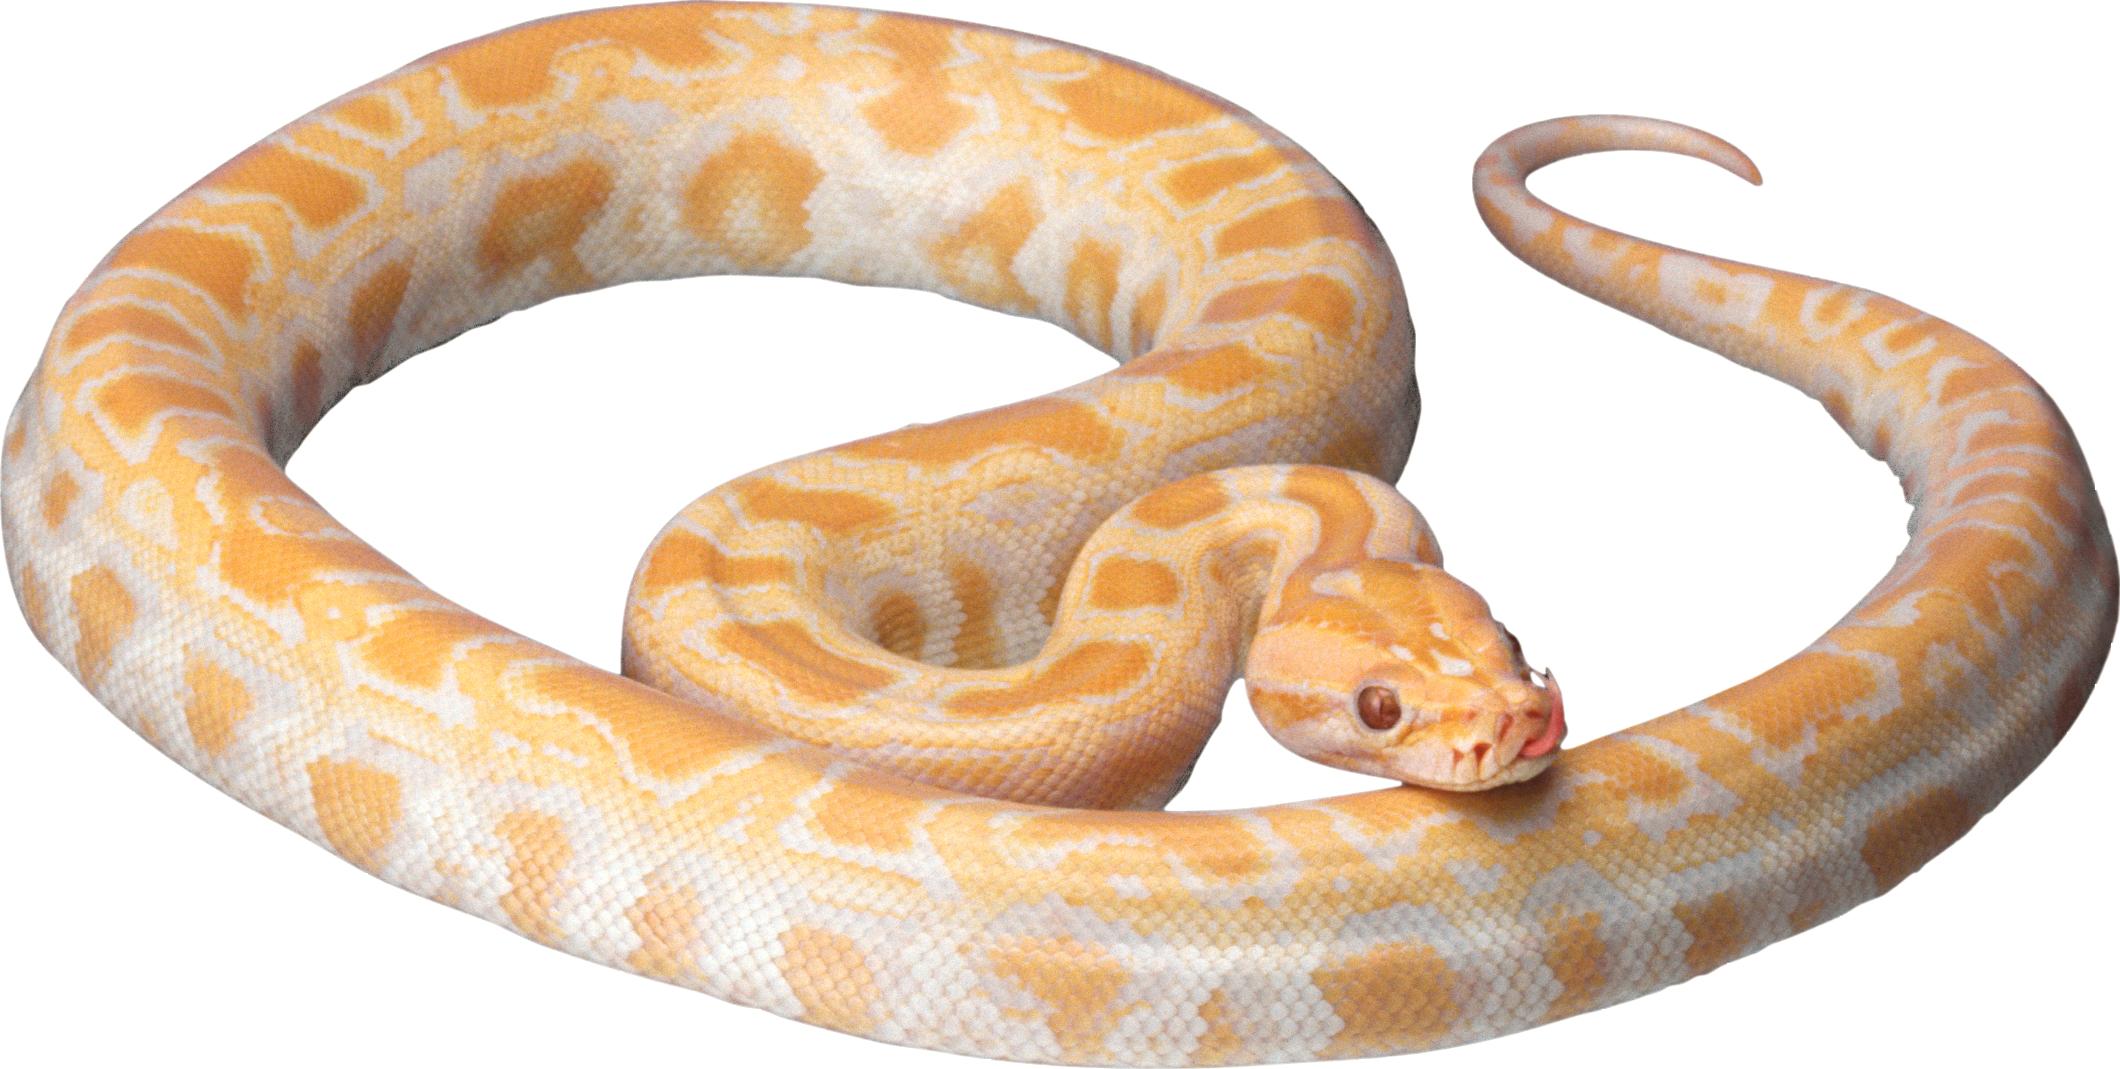 Snake clipart wild animal. White png pinterest